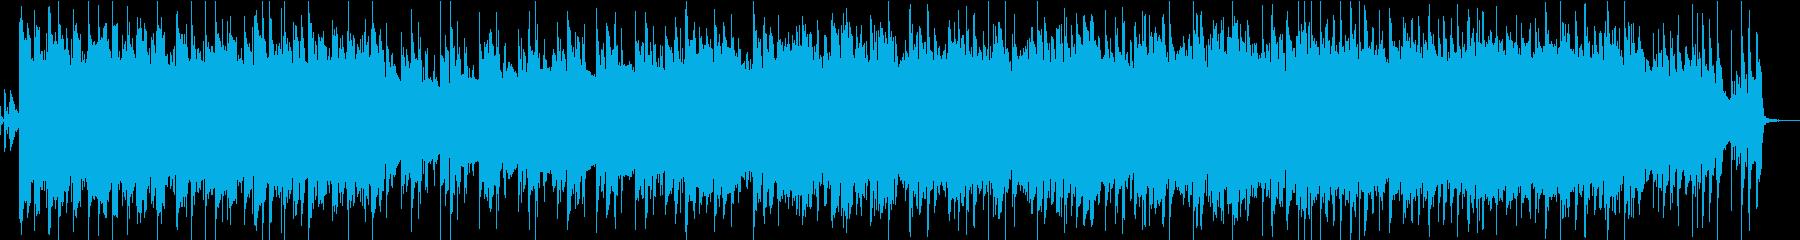 明るくさわやかピアノとフルートの企業VPの再生済みの波形